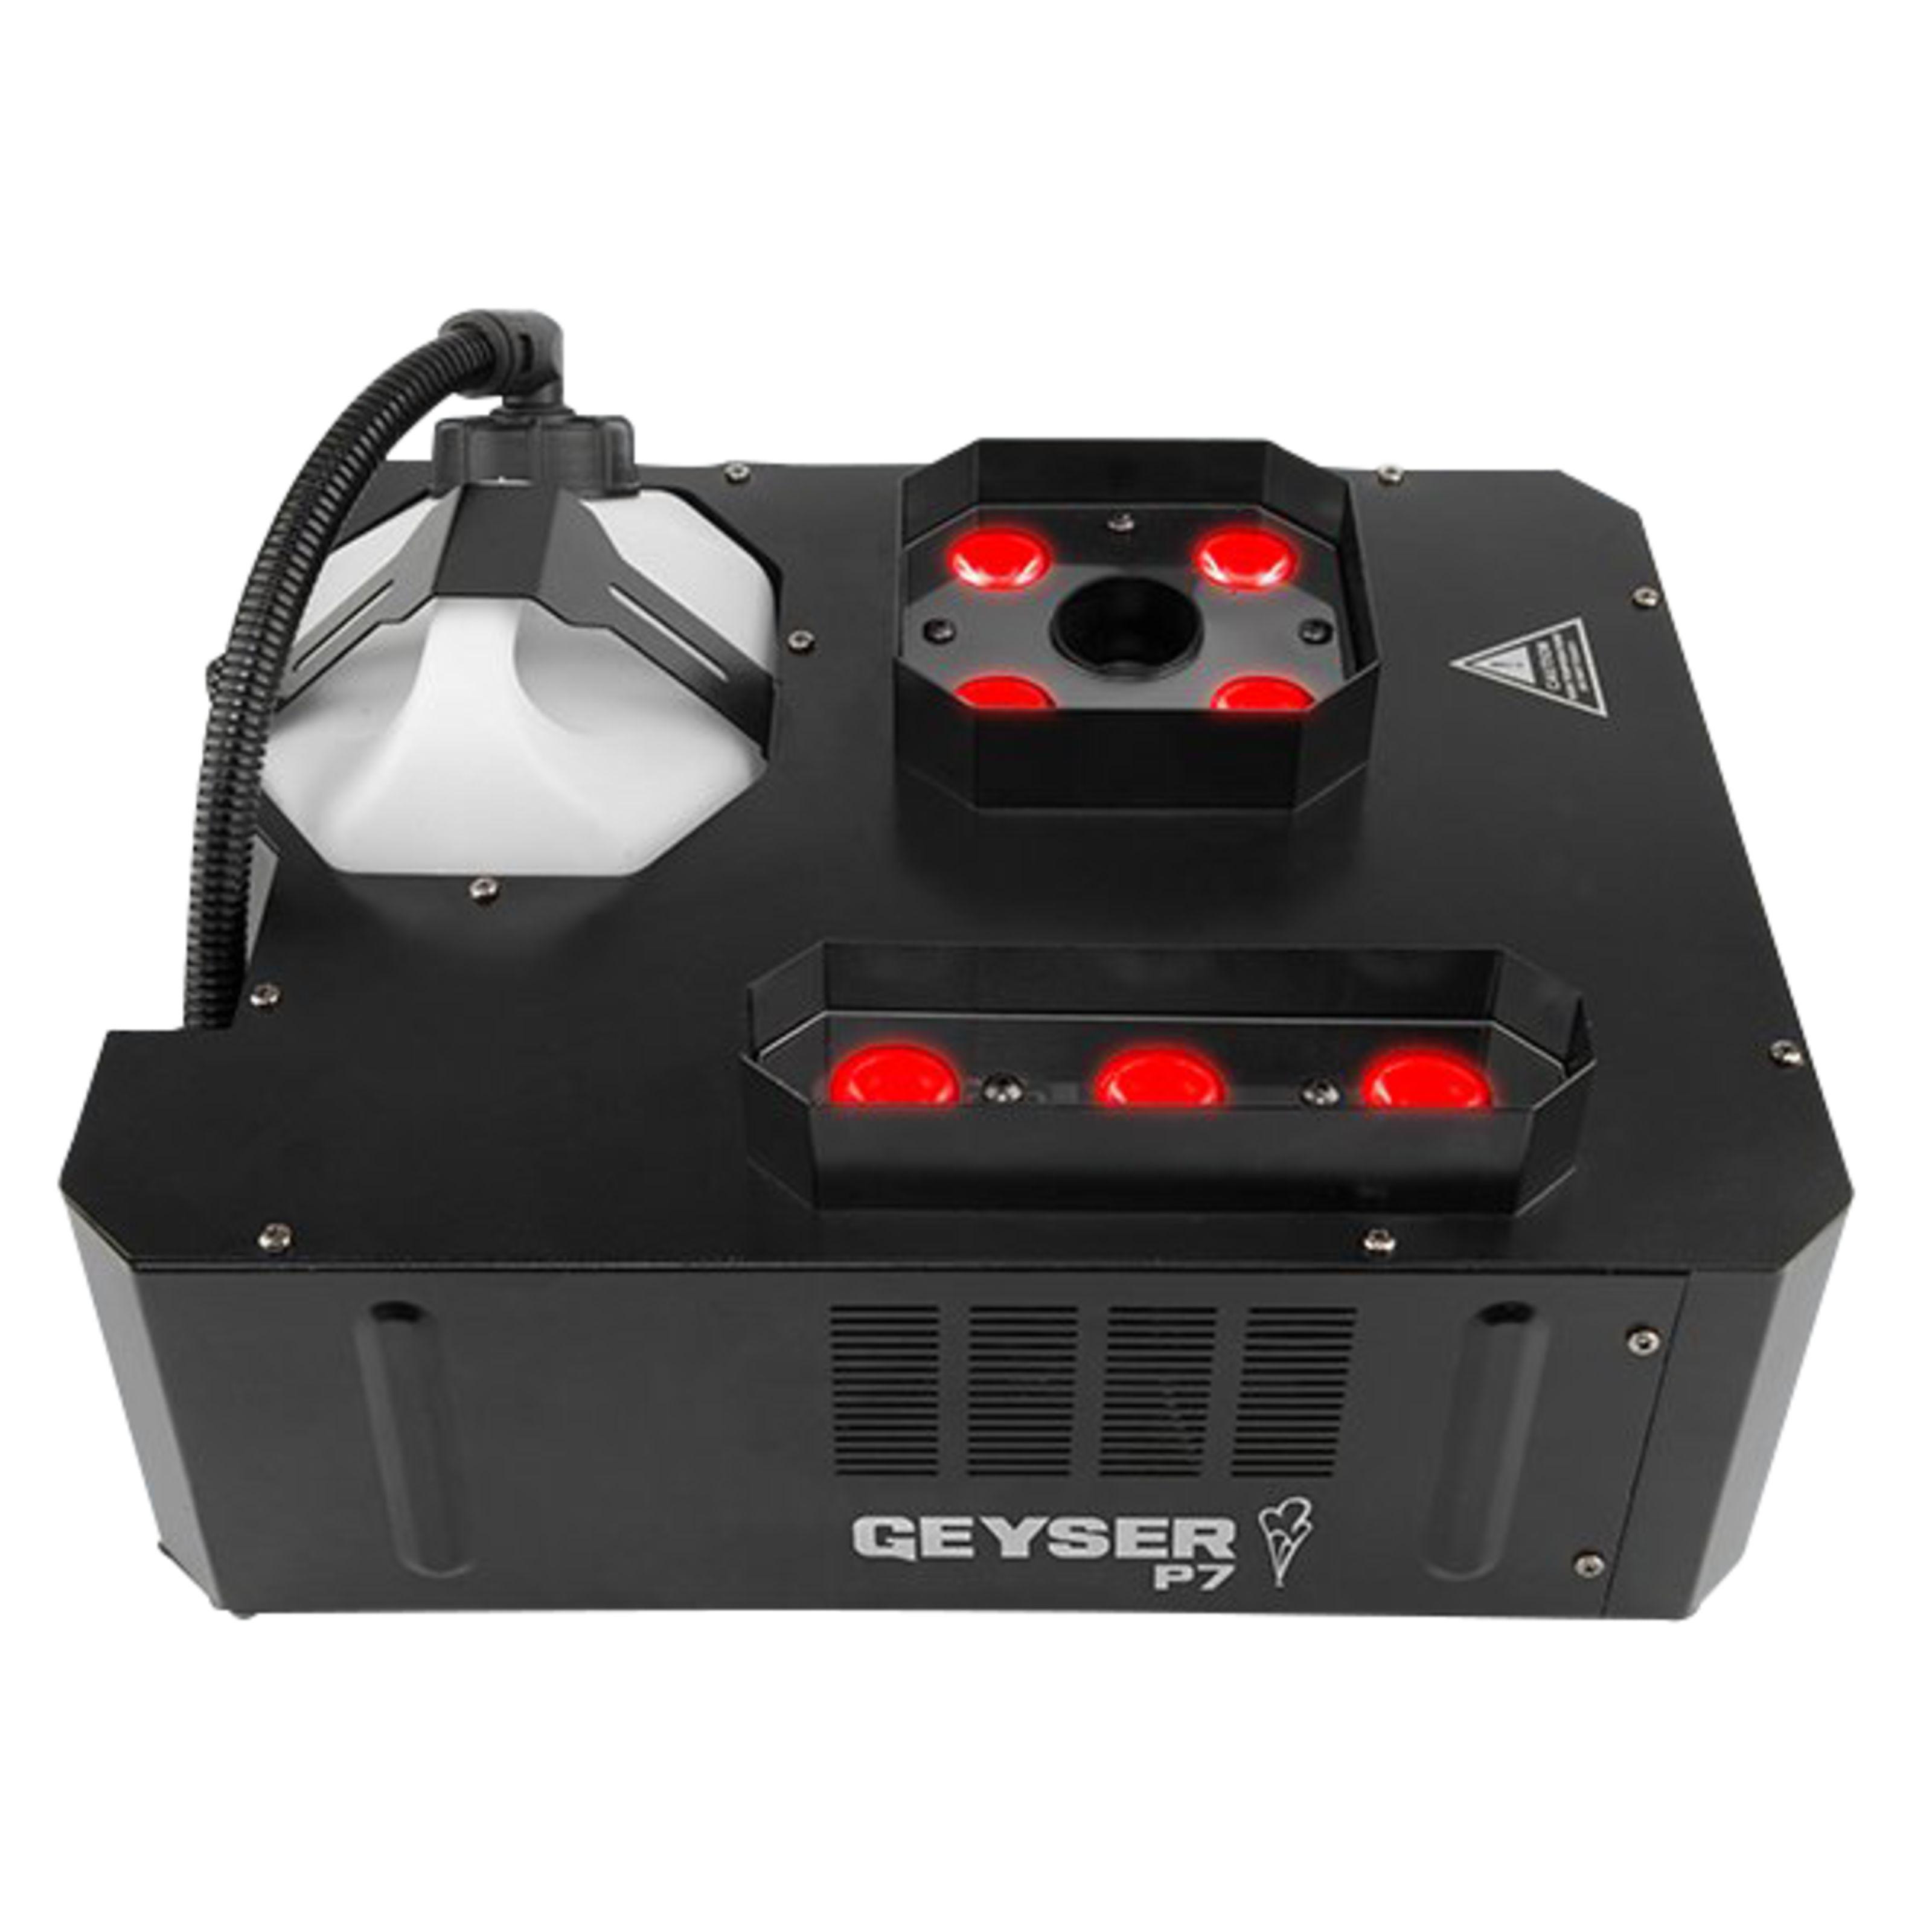 Chauvet DJ - Geyser P7 GEYSERP7